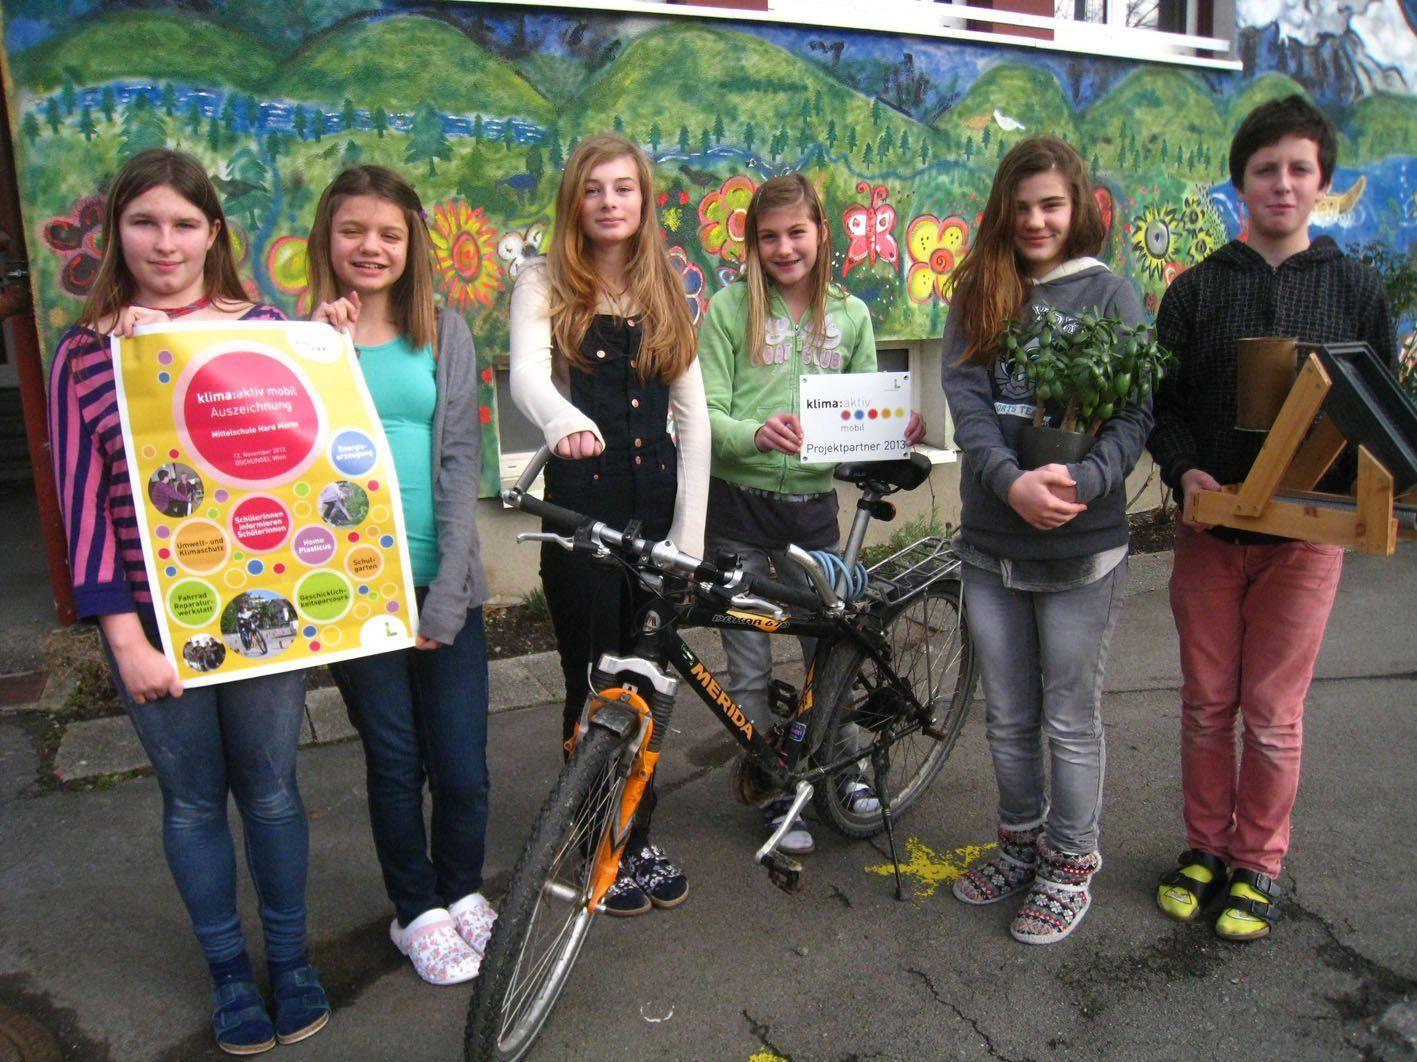 Nicole, Tamara, Sarah, Indira, Gloria und Gabriel (2a-Klasse) präsentieren stolz die Auszeichnung.